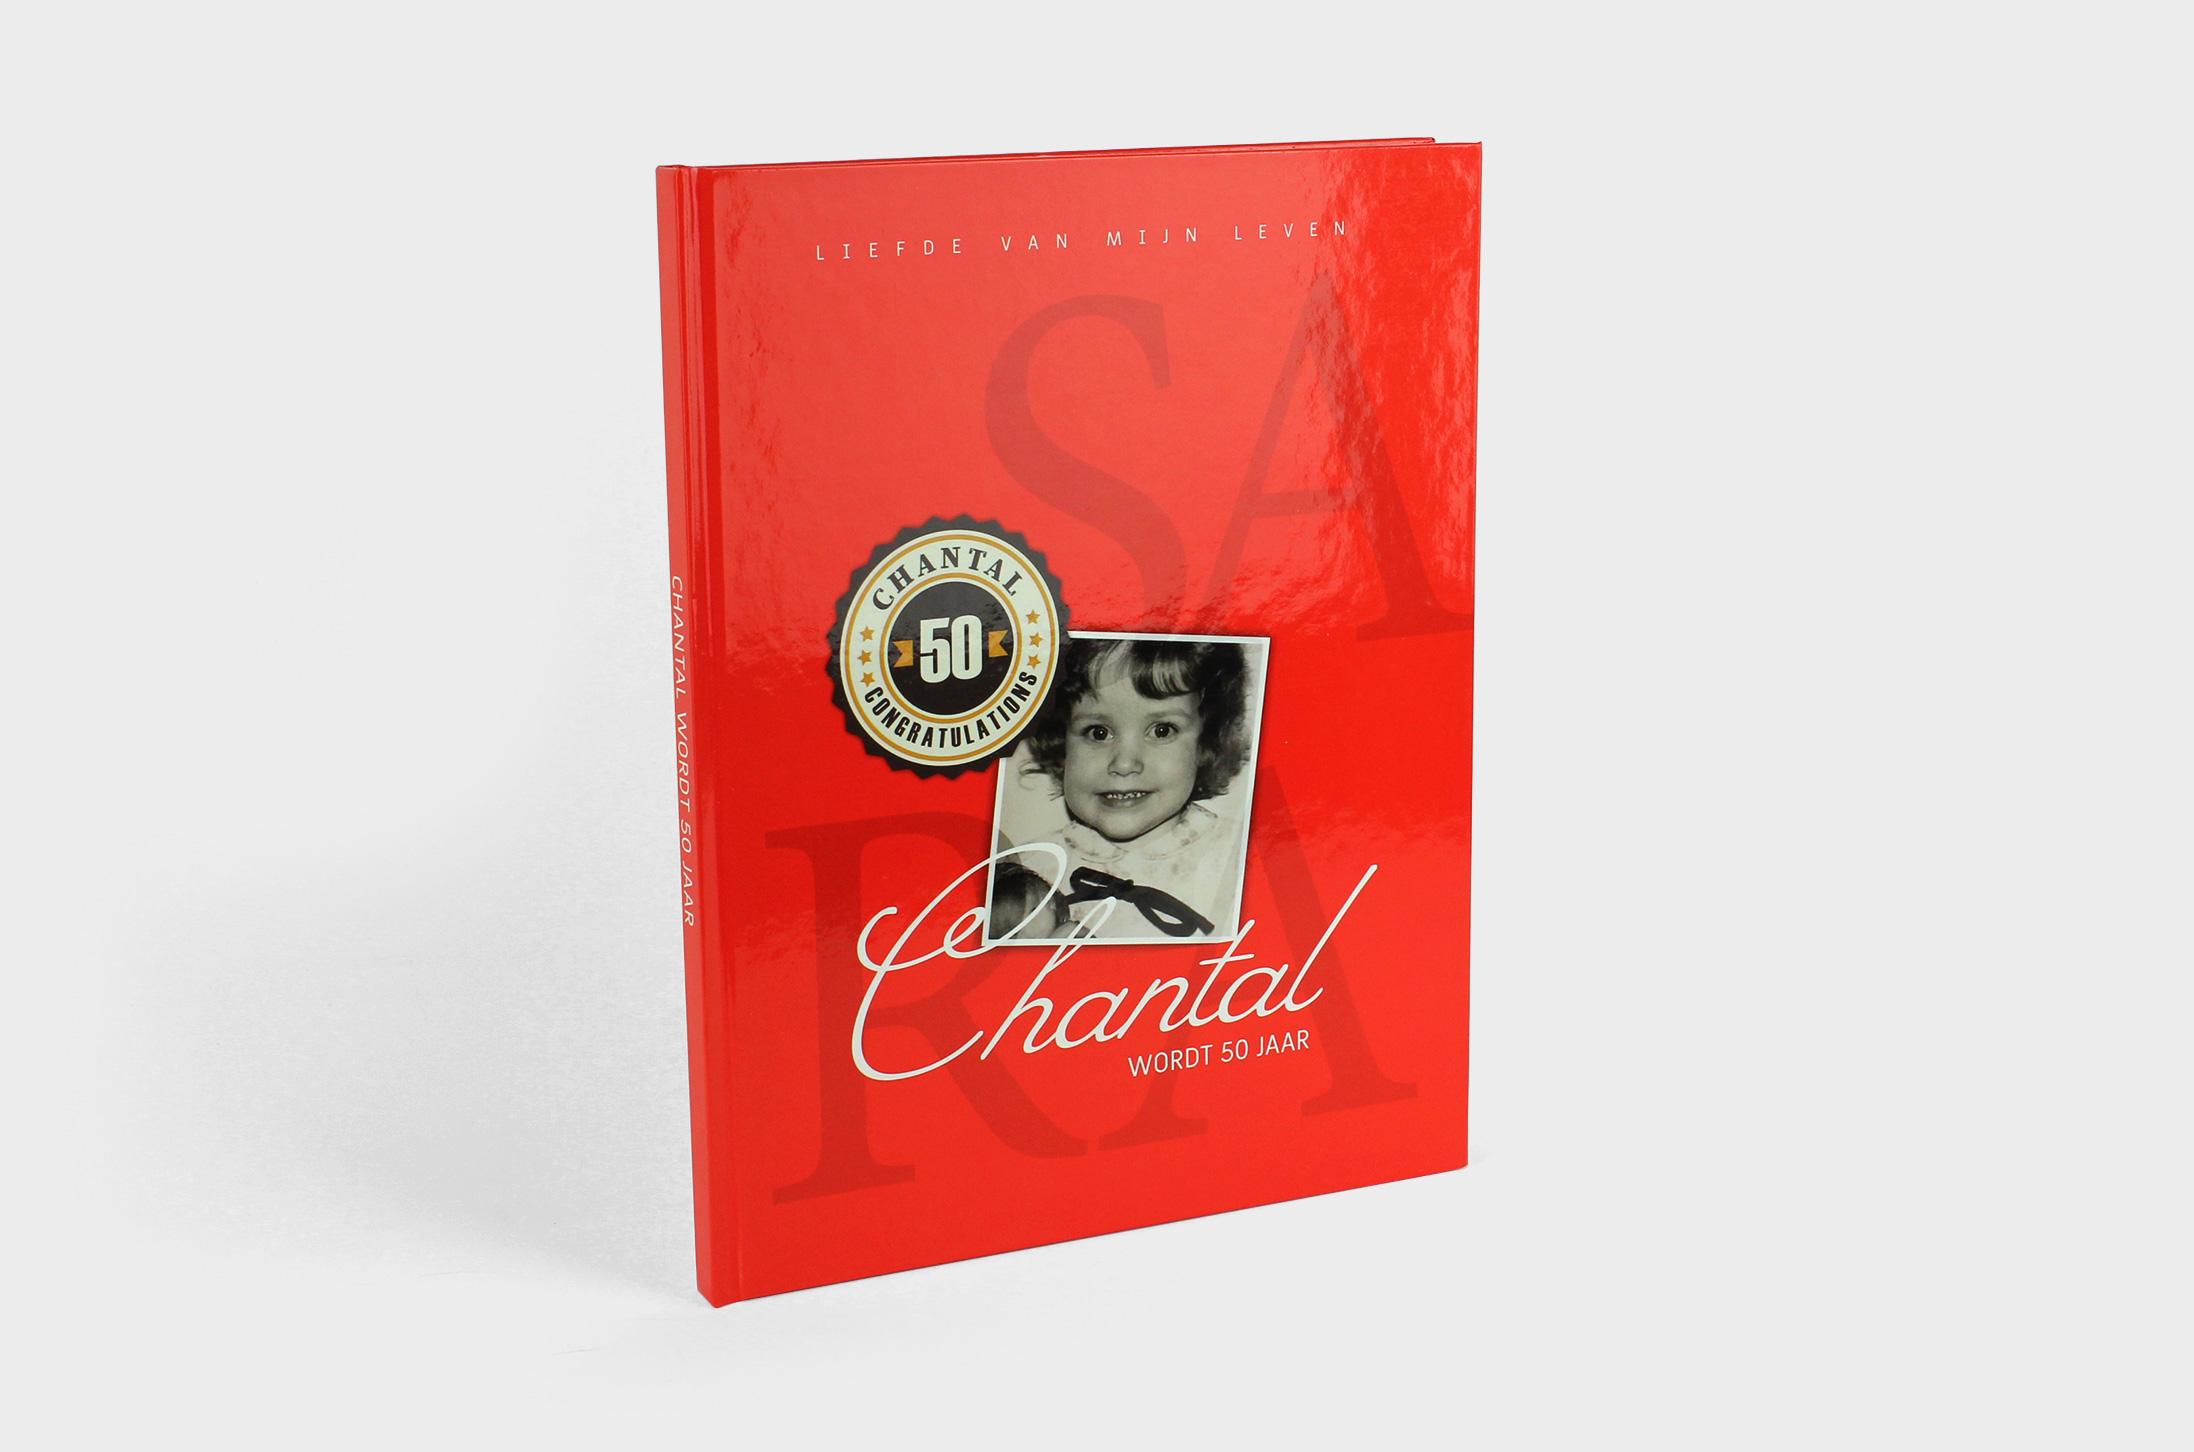 Chantal wordt 50 jaar – jubileumboek